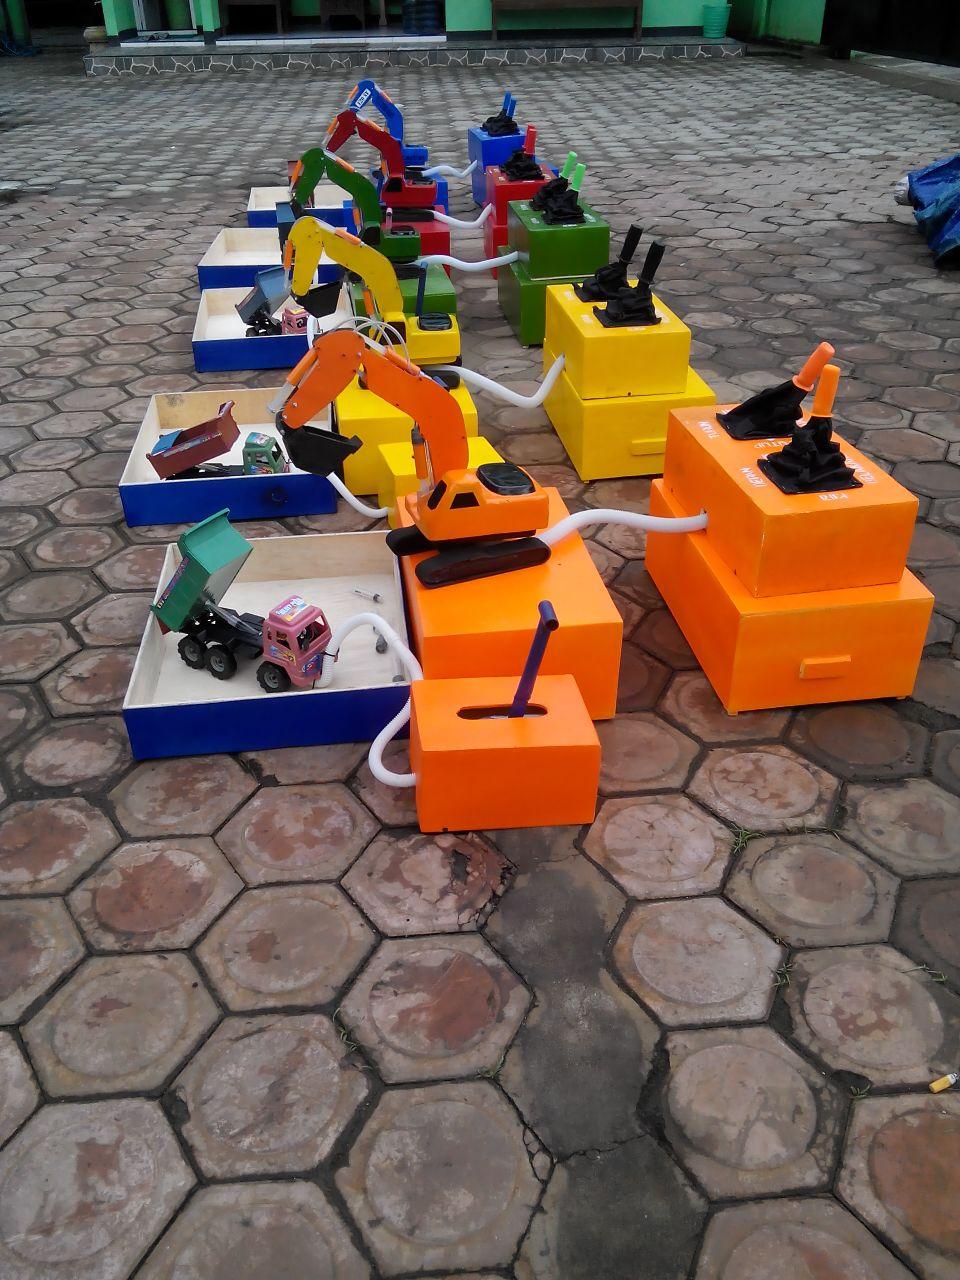 Jual Mainan Excavator Mini Murah